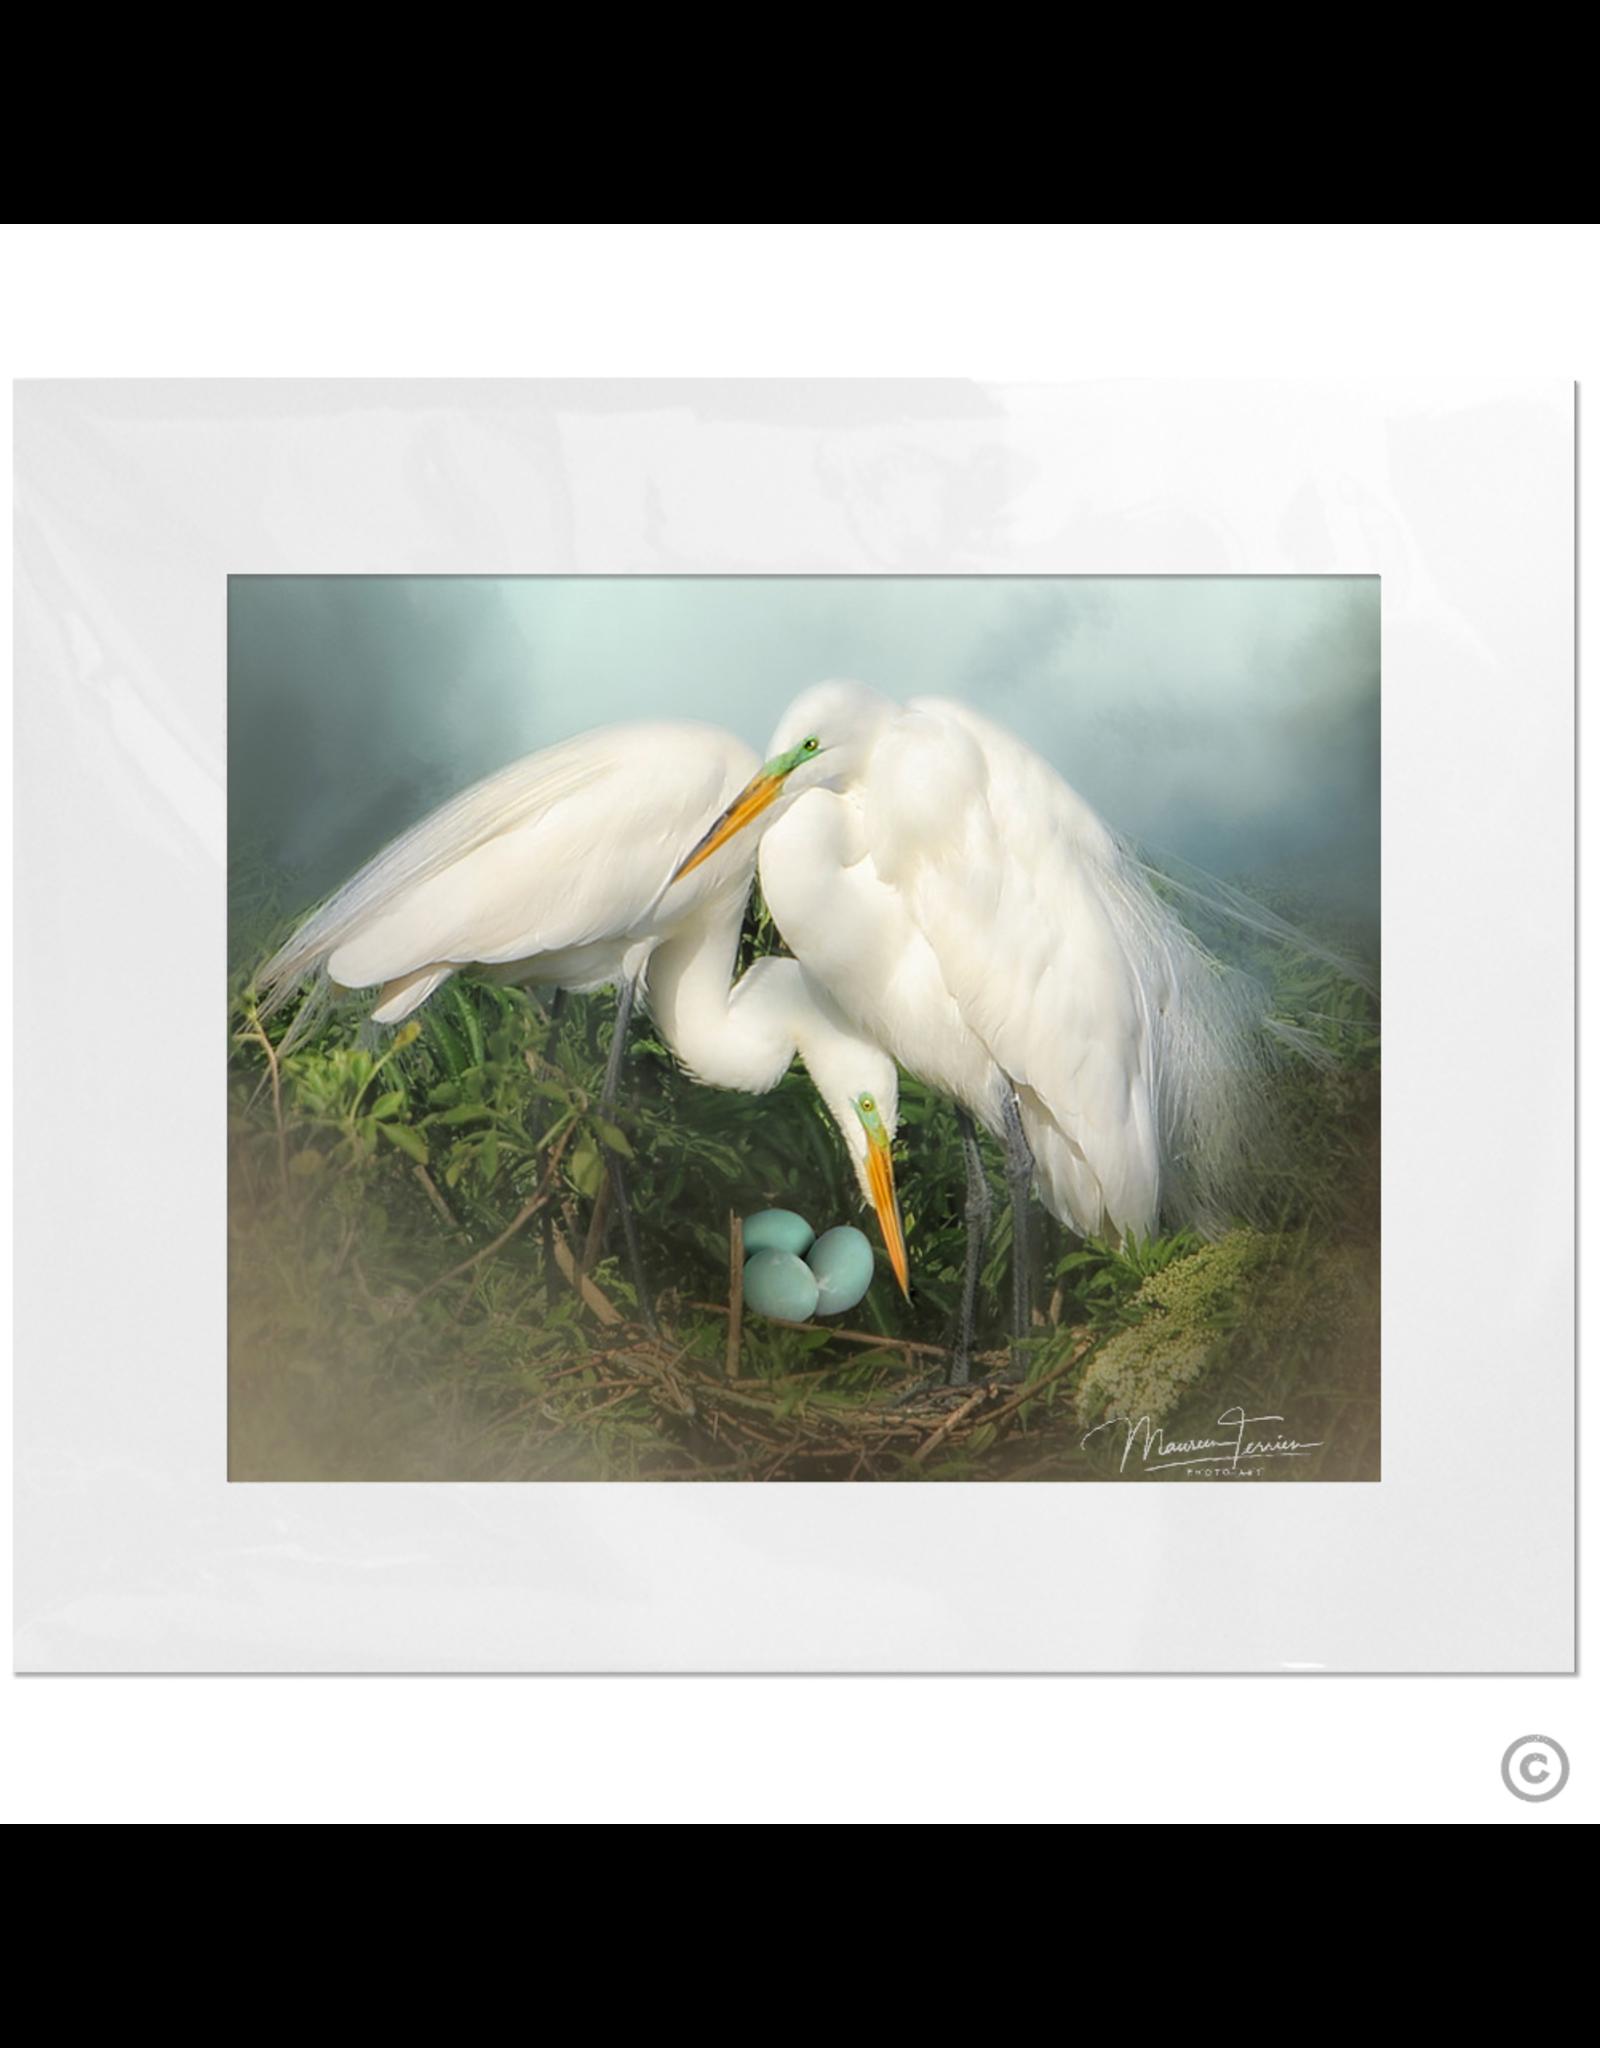 Maureen Terrien Photography Art Print Nesting Egrets 8x10 - 11x14 Matted